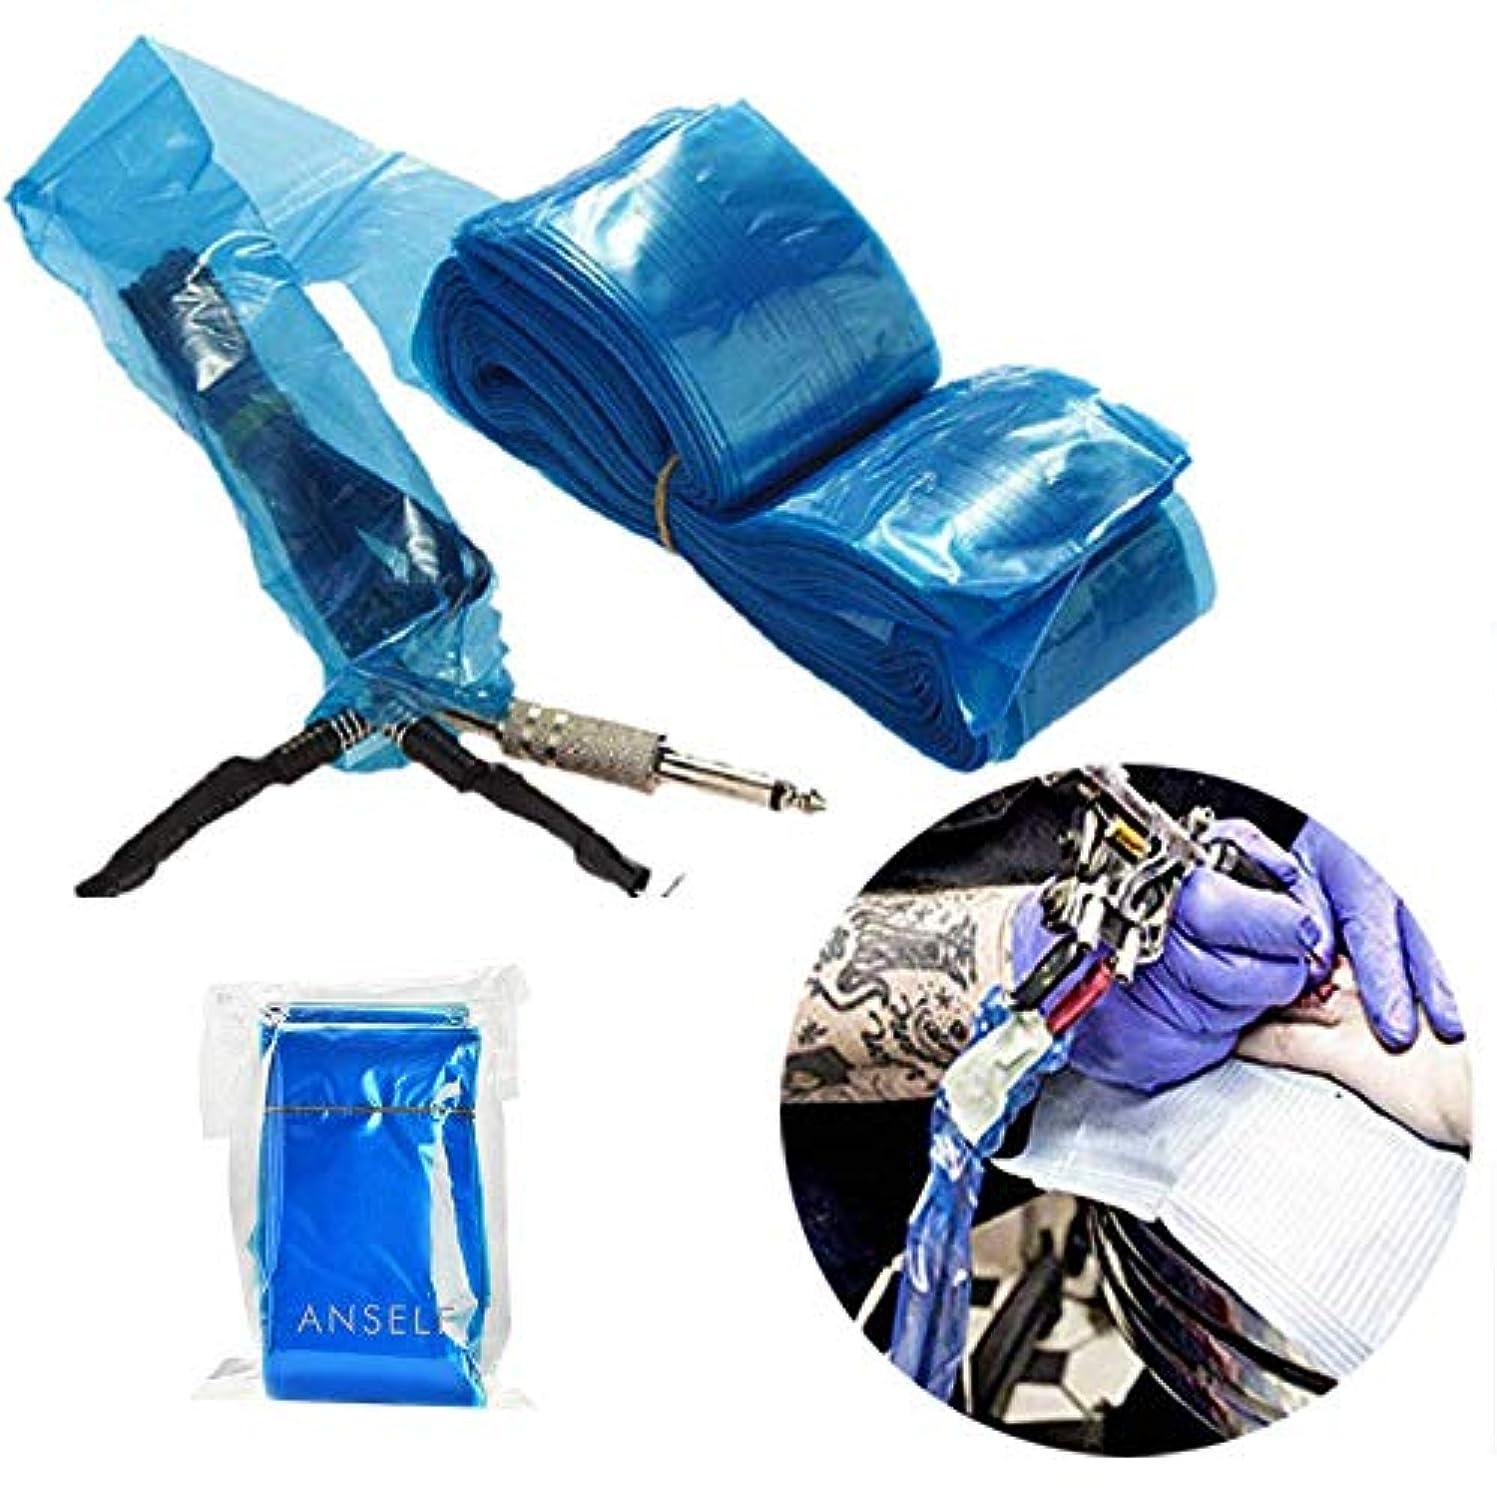 二年生取り付け表現Decdeal タトゥークリップカバー タトゥー用品 タトゥーマシンプラスチック用使い捨てカバー 100Pcs